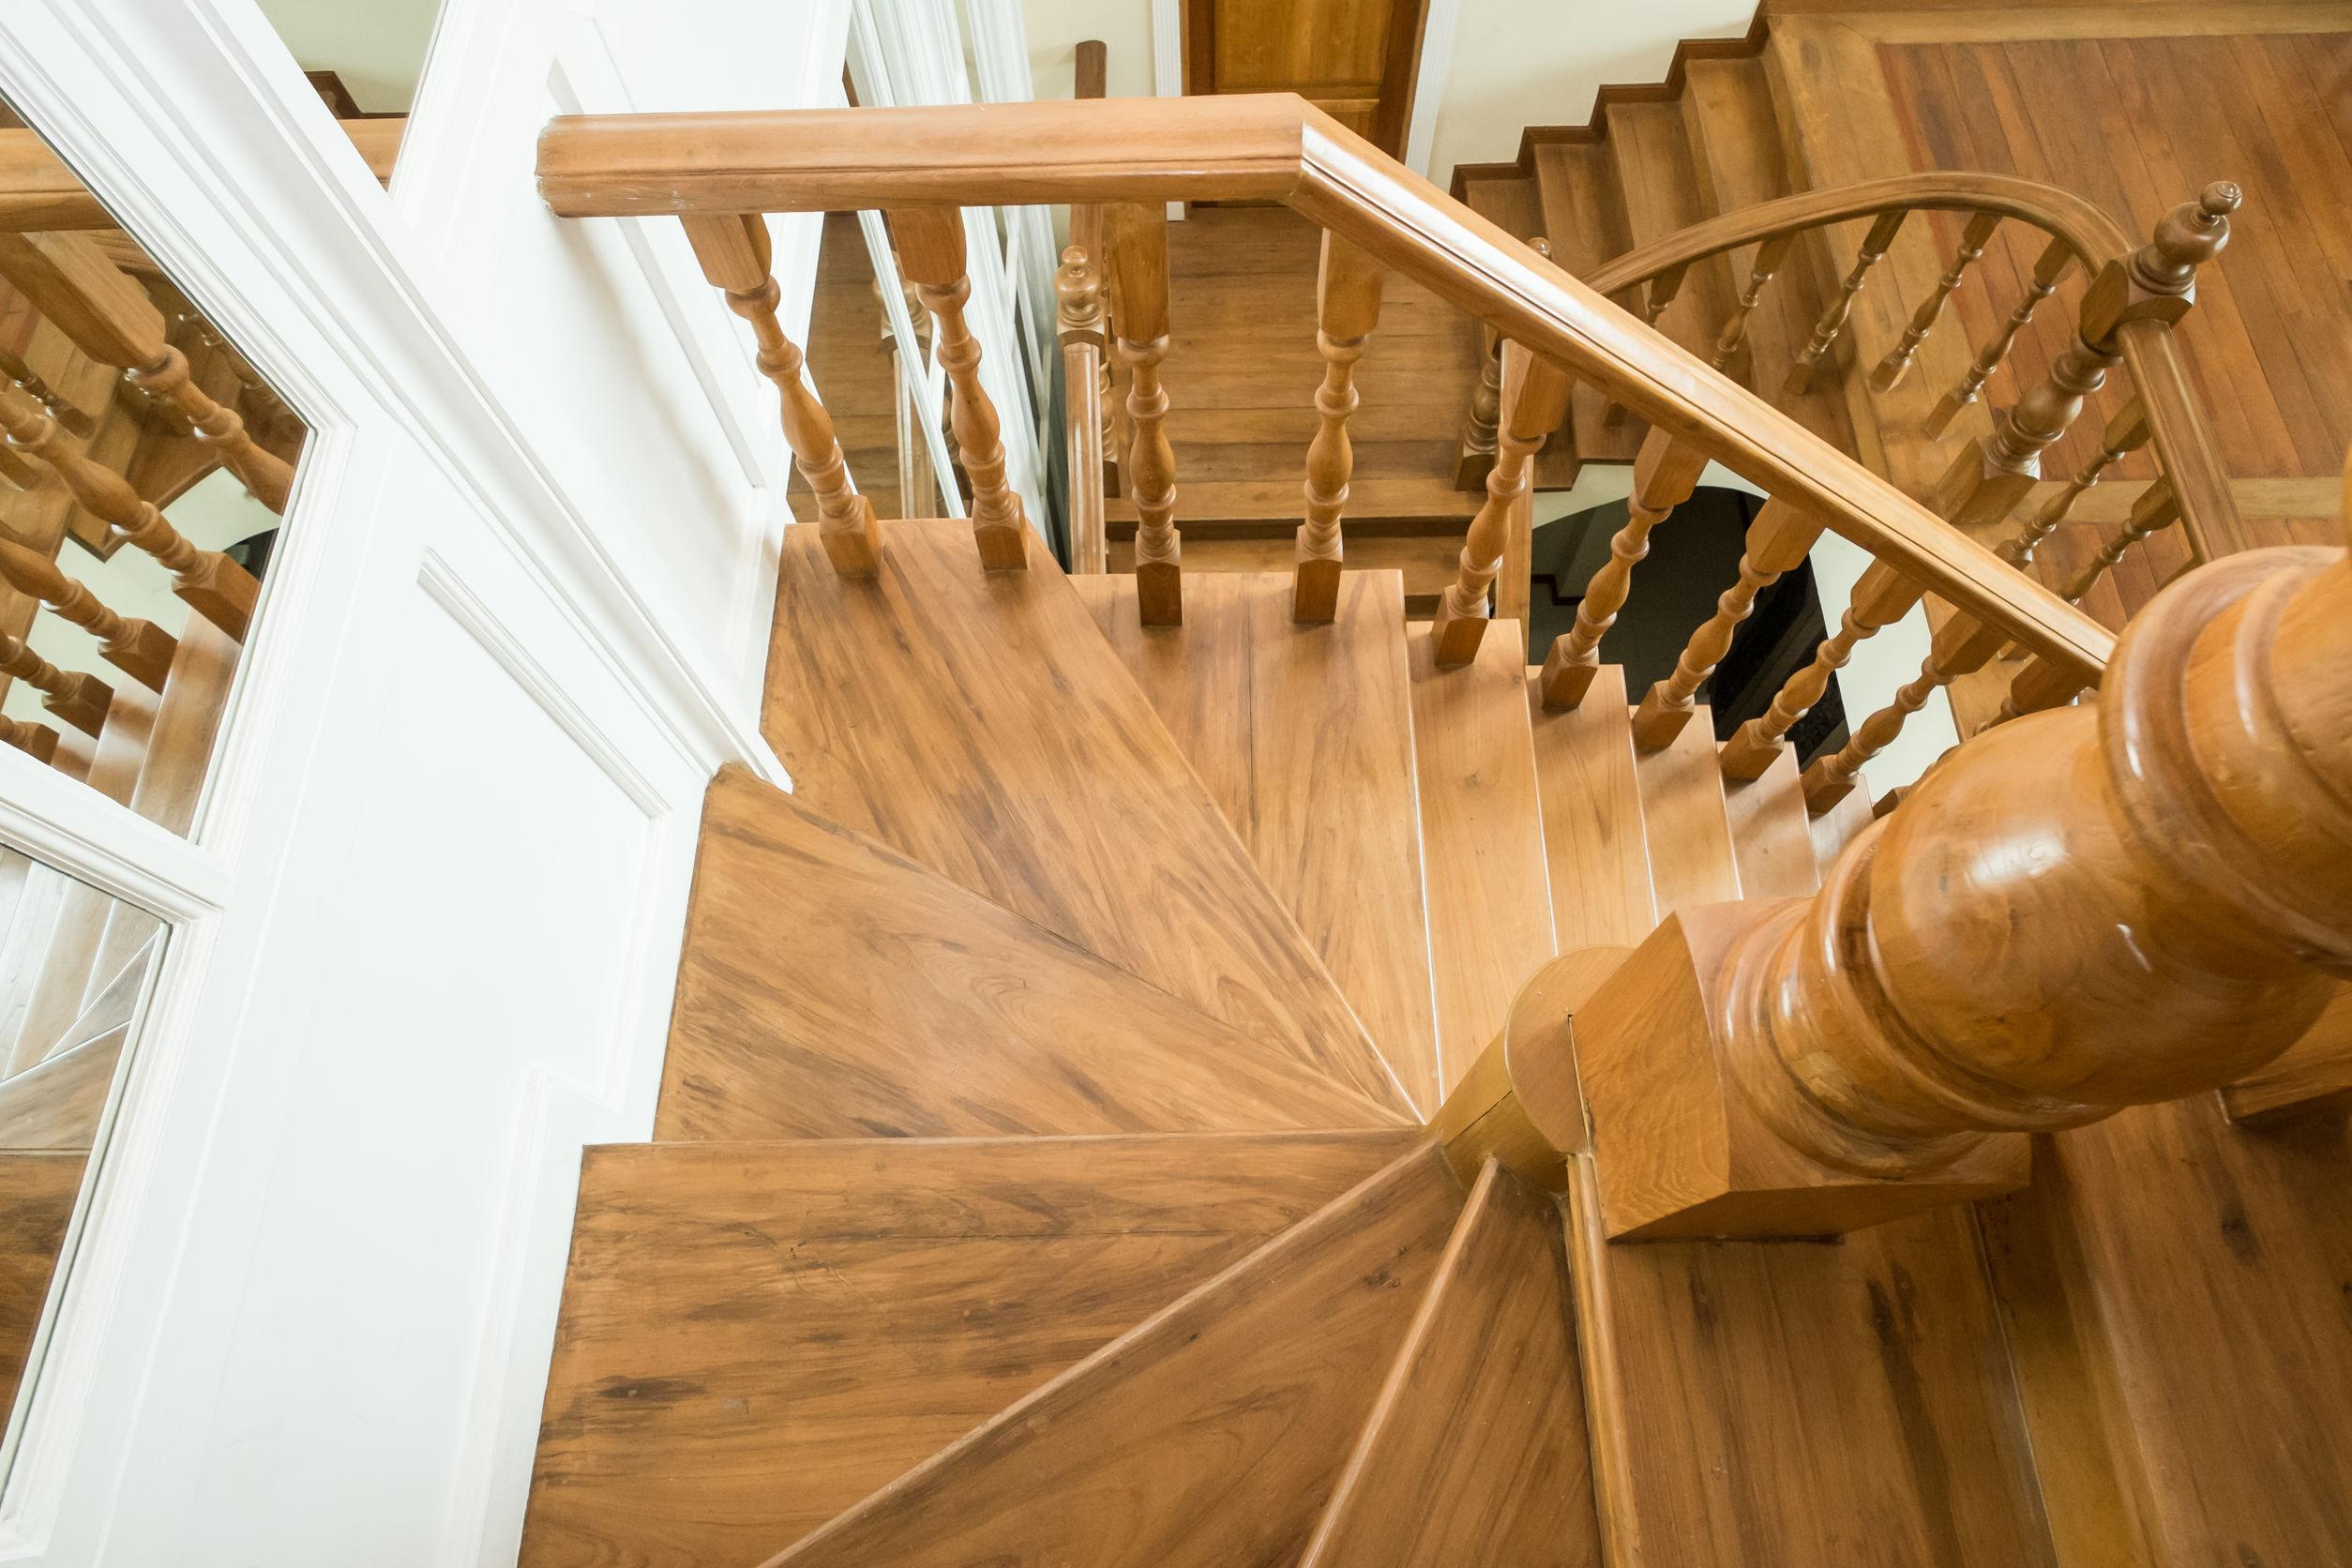 Treppengeländer aus Holz: Test & Empfehlungen (01/20)